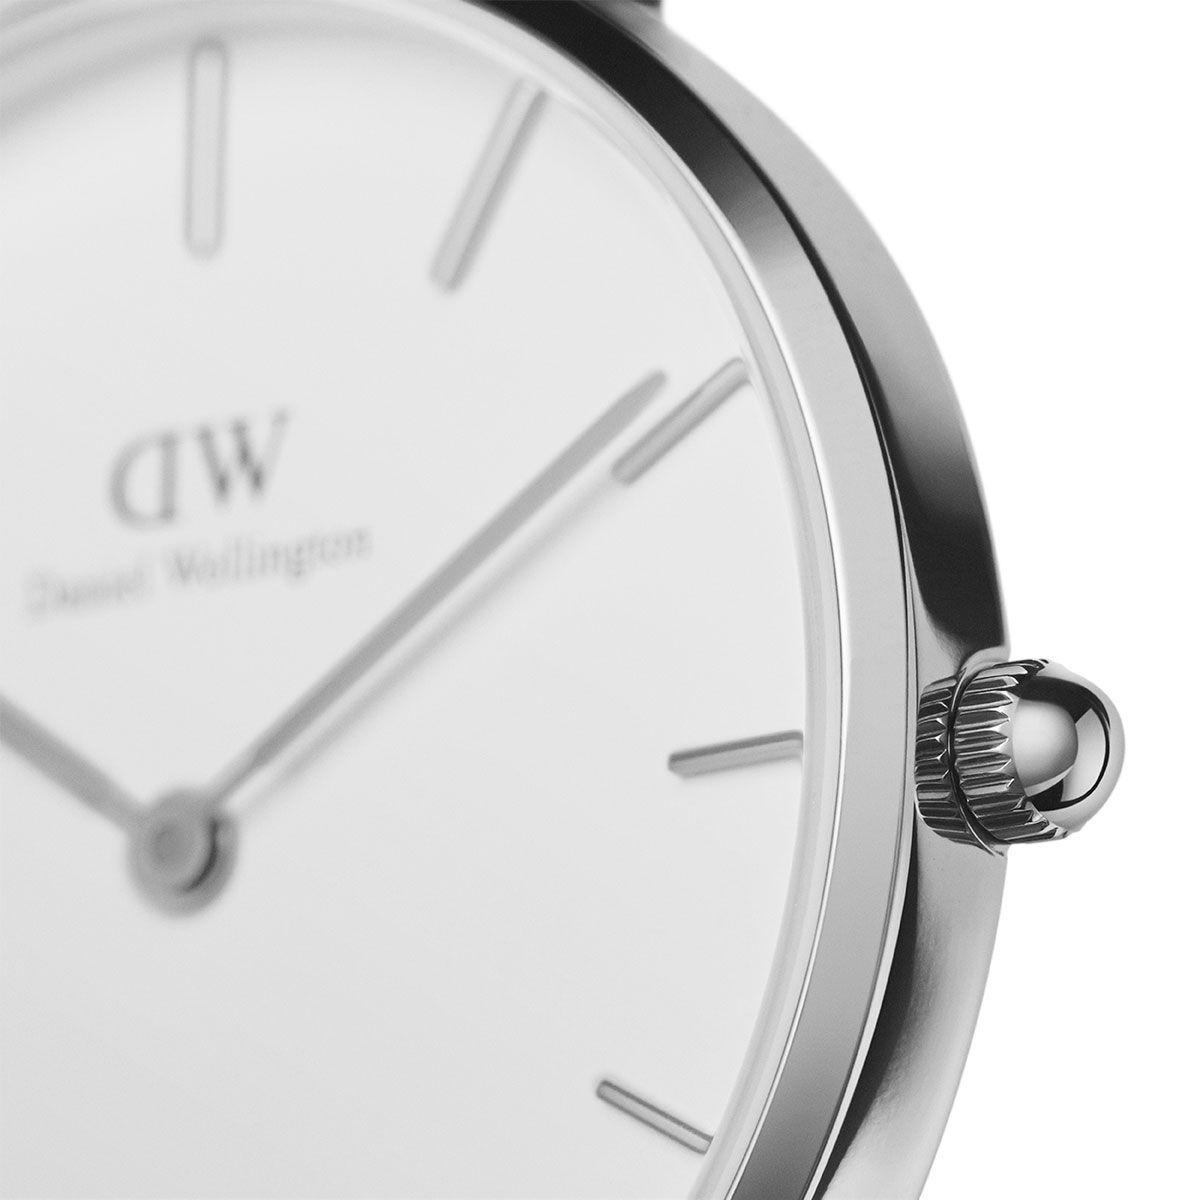 dw官网 dw手表官网 dw中国官网 dw官方旗舰店 DW DW官网  W Petite Sterling Silver 32mm